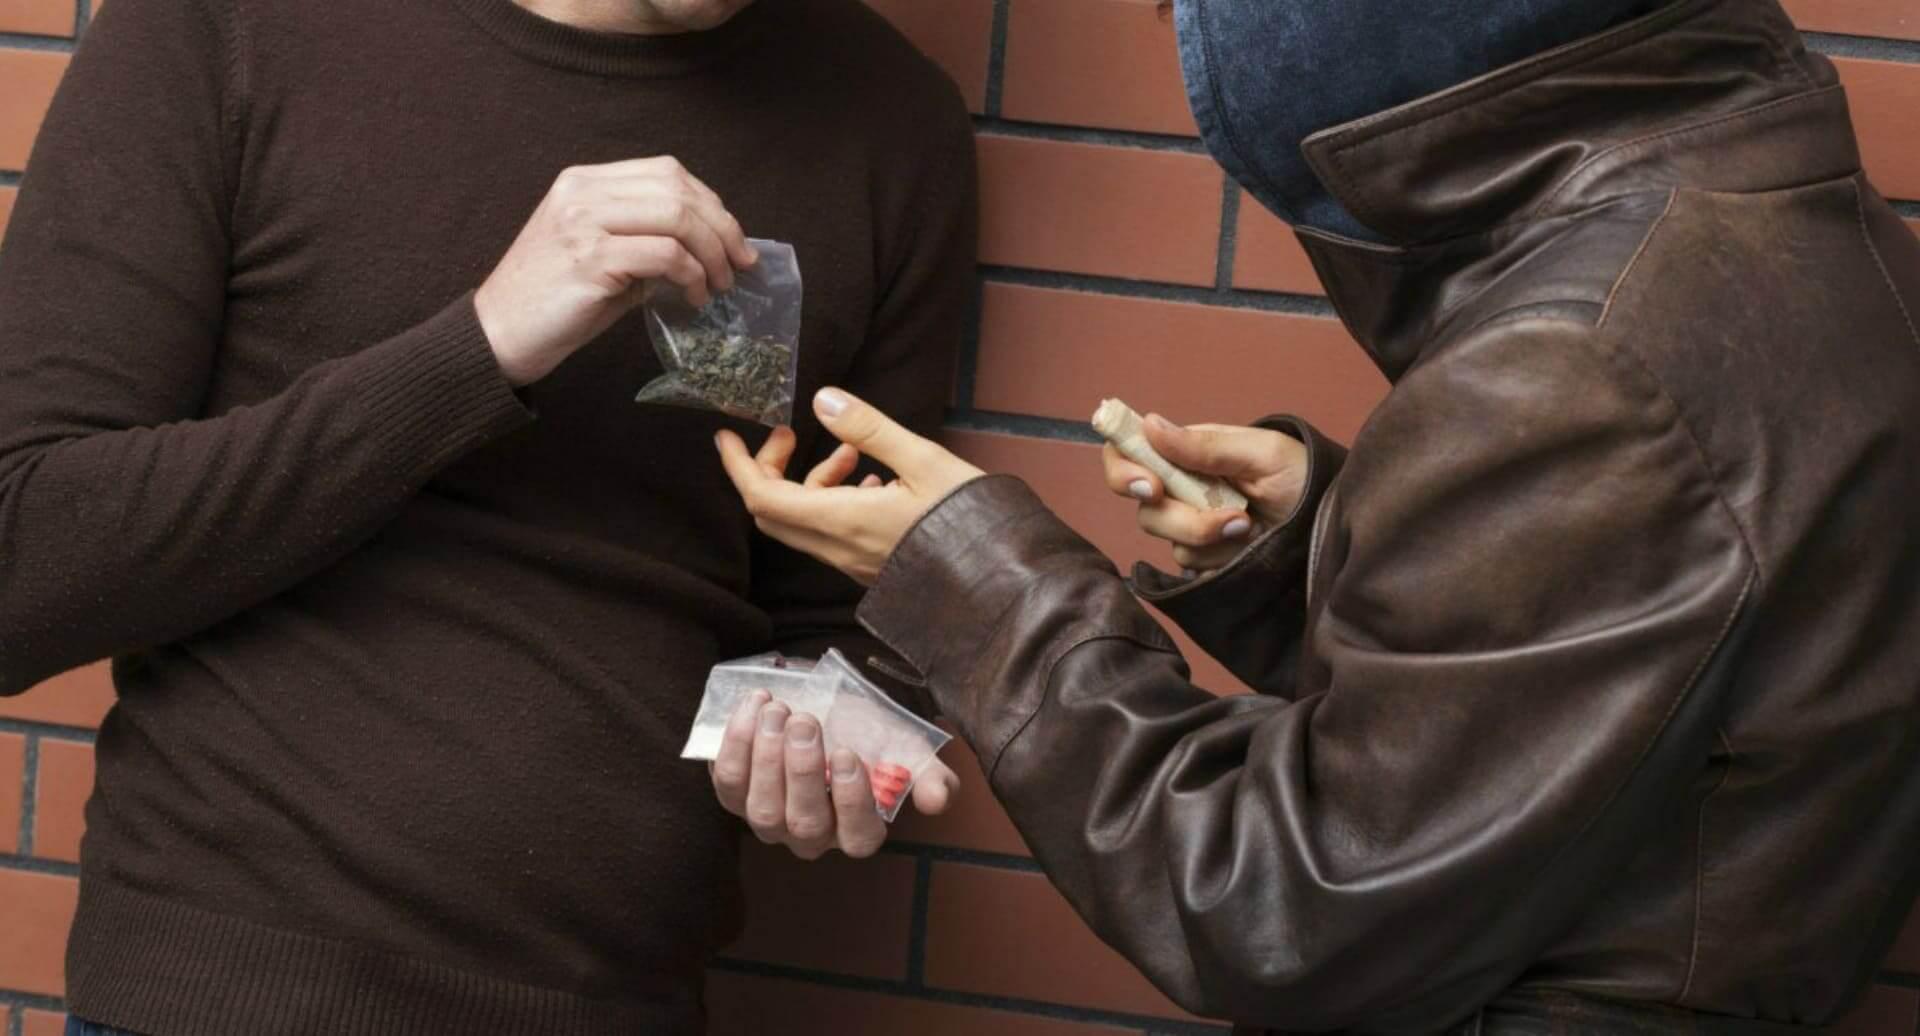 Уголовные дела по ст. 228.1 и 228.4 УК РФ без фактов передачи веществ возбуждаться не будут